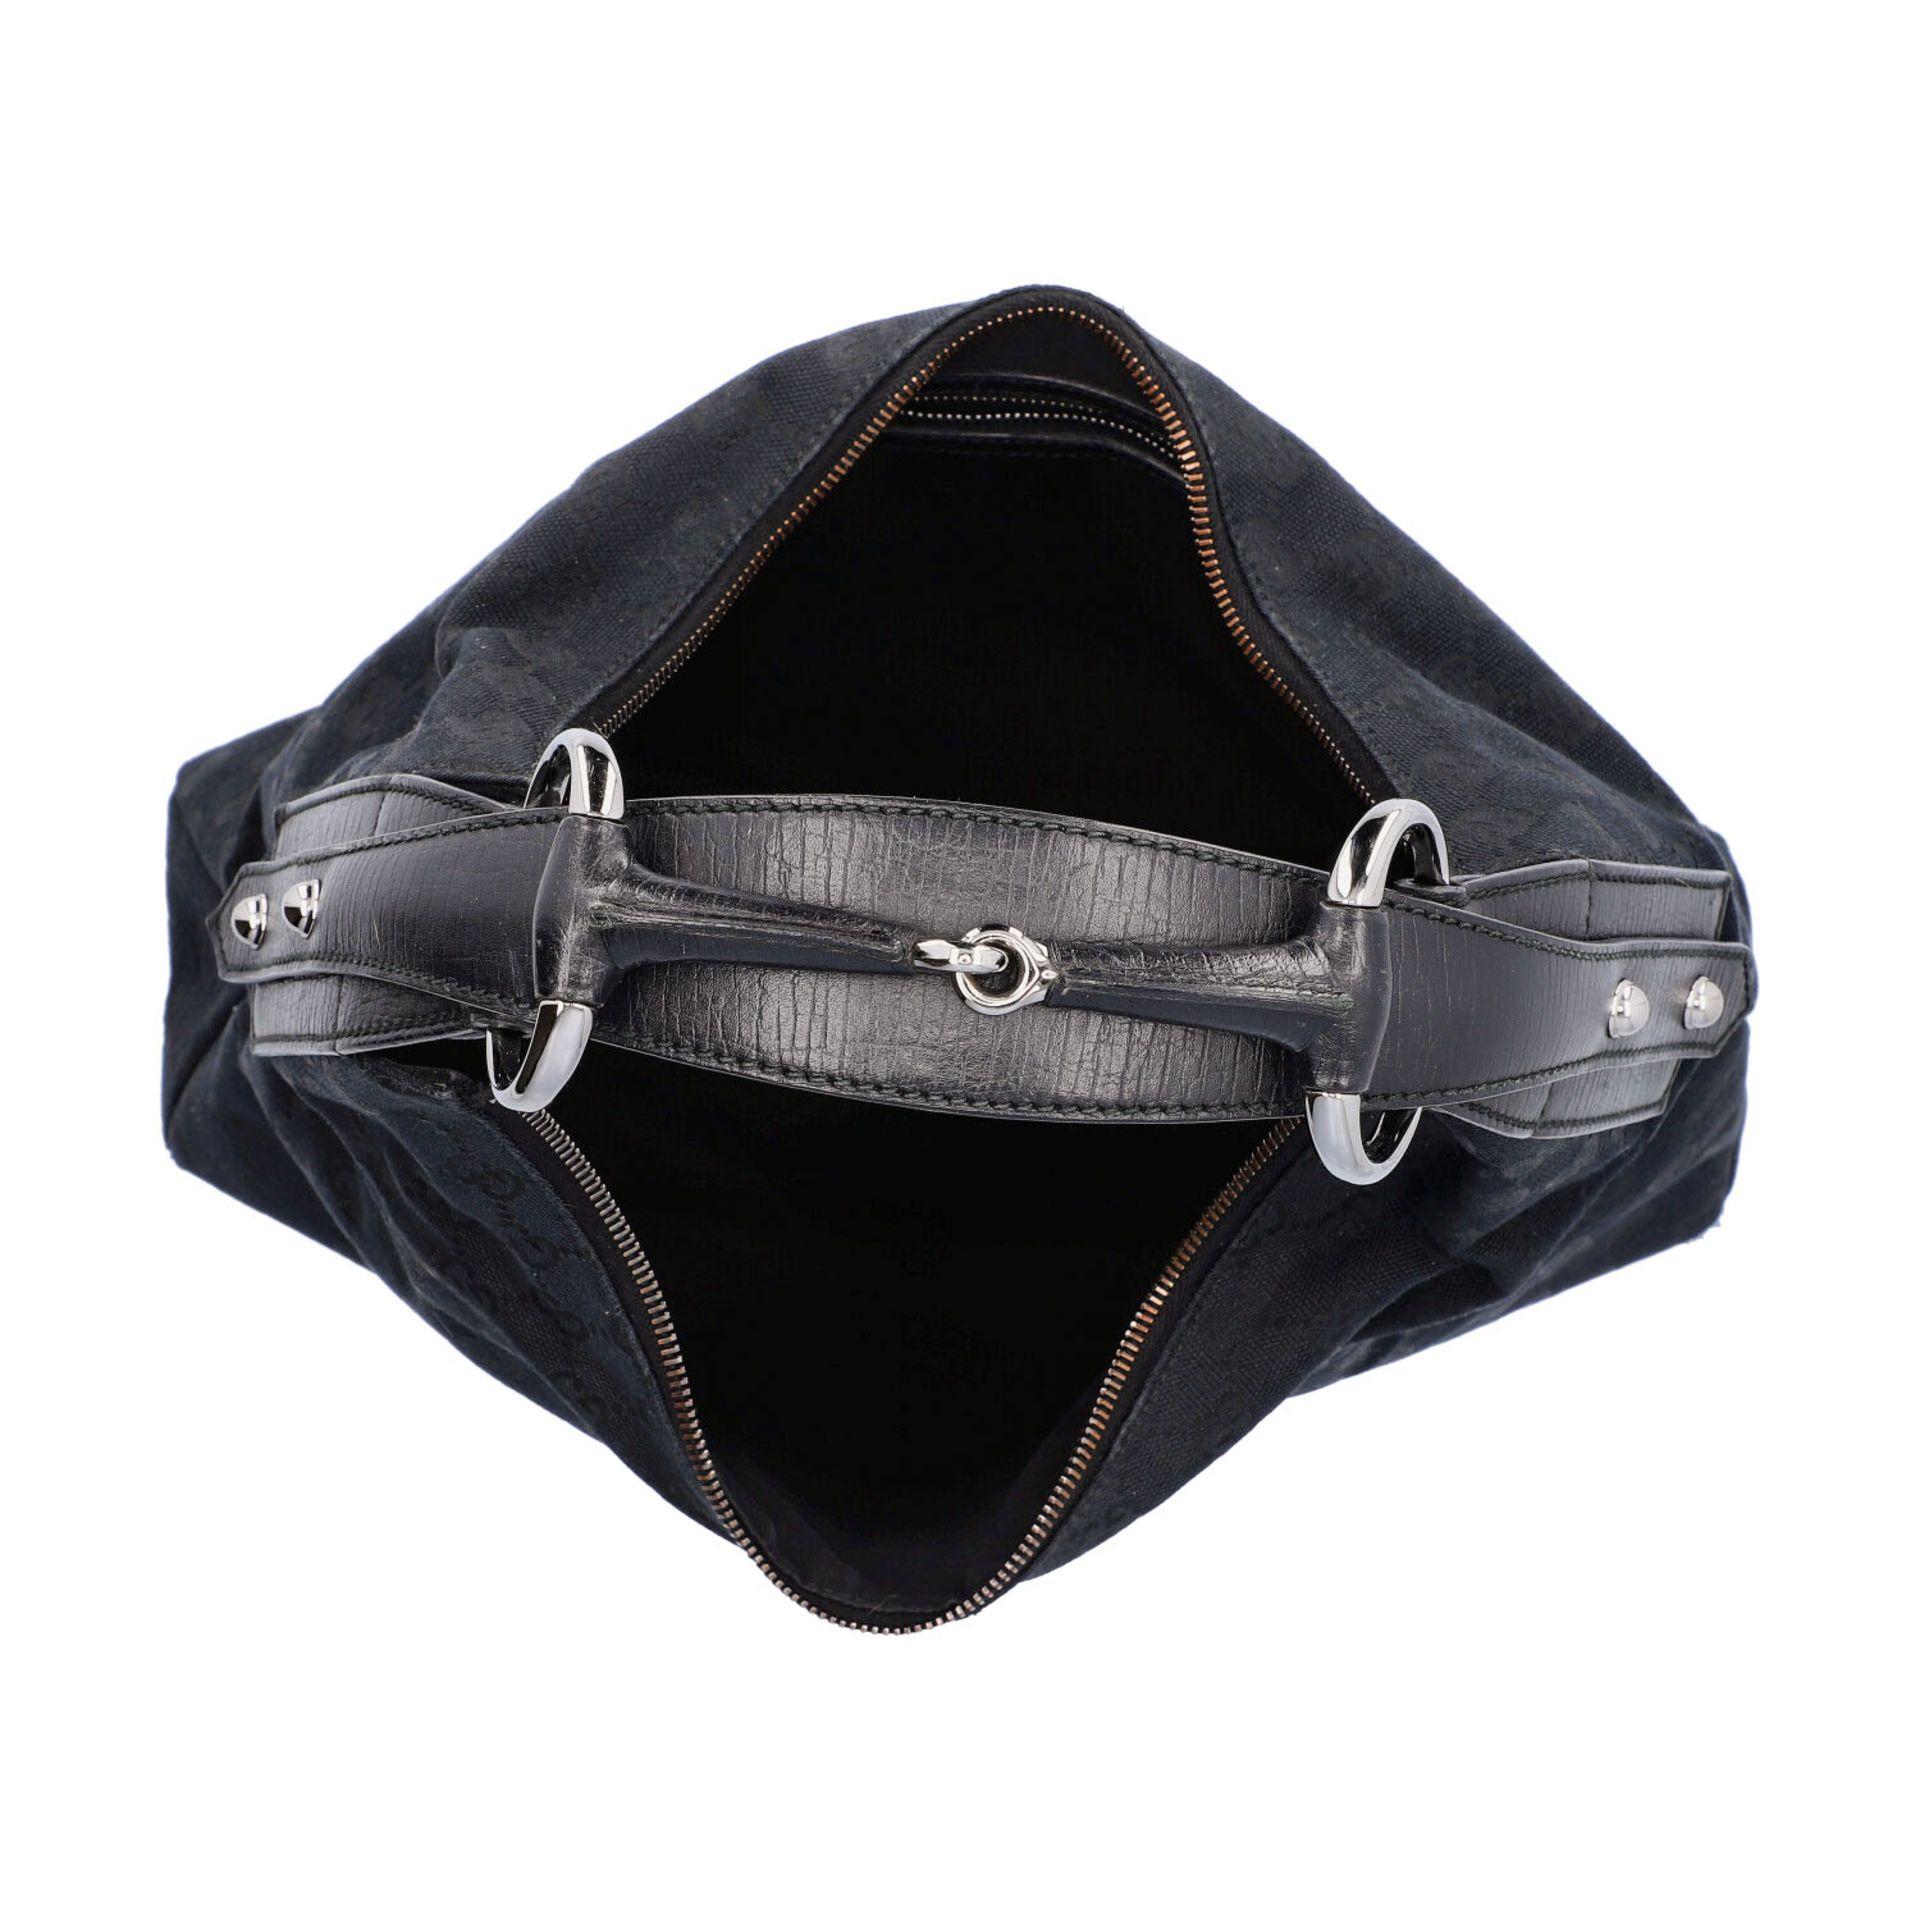 GUCCI Handtasche. Guccissima Design auf schwarzem Textil mit silberfarbener Hardware, - Image 6 of 8